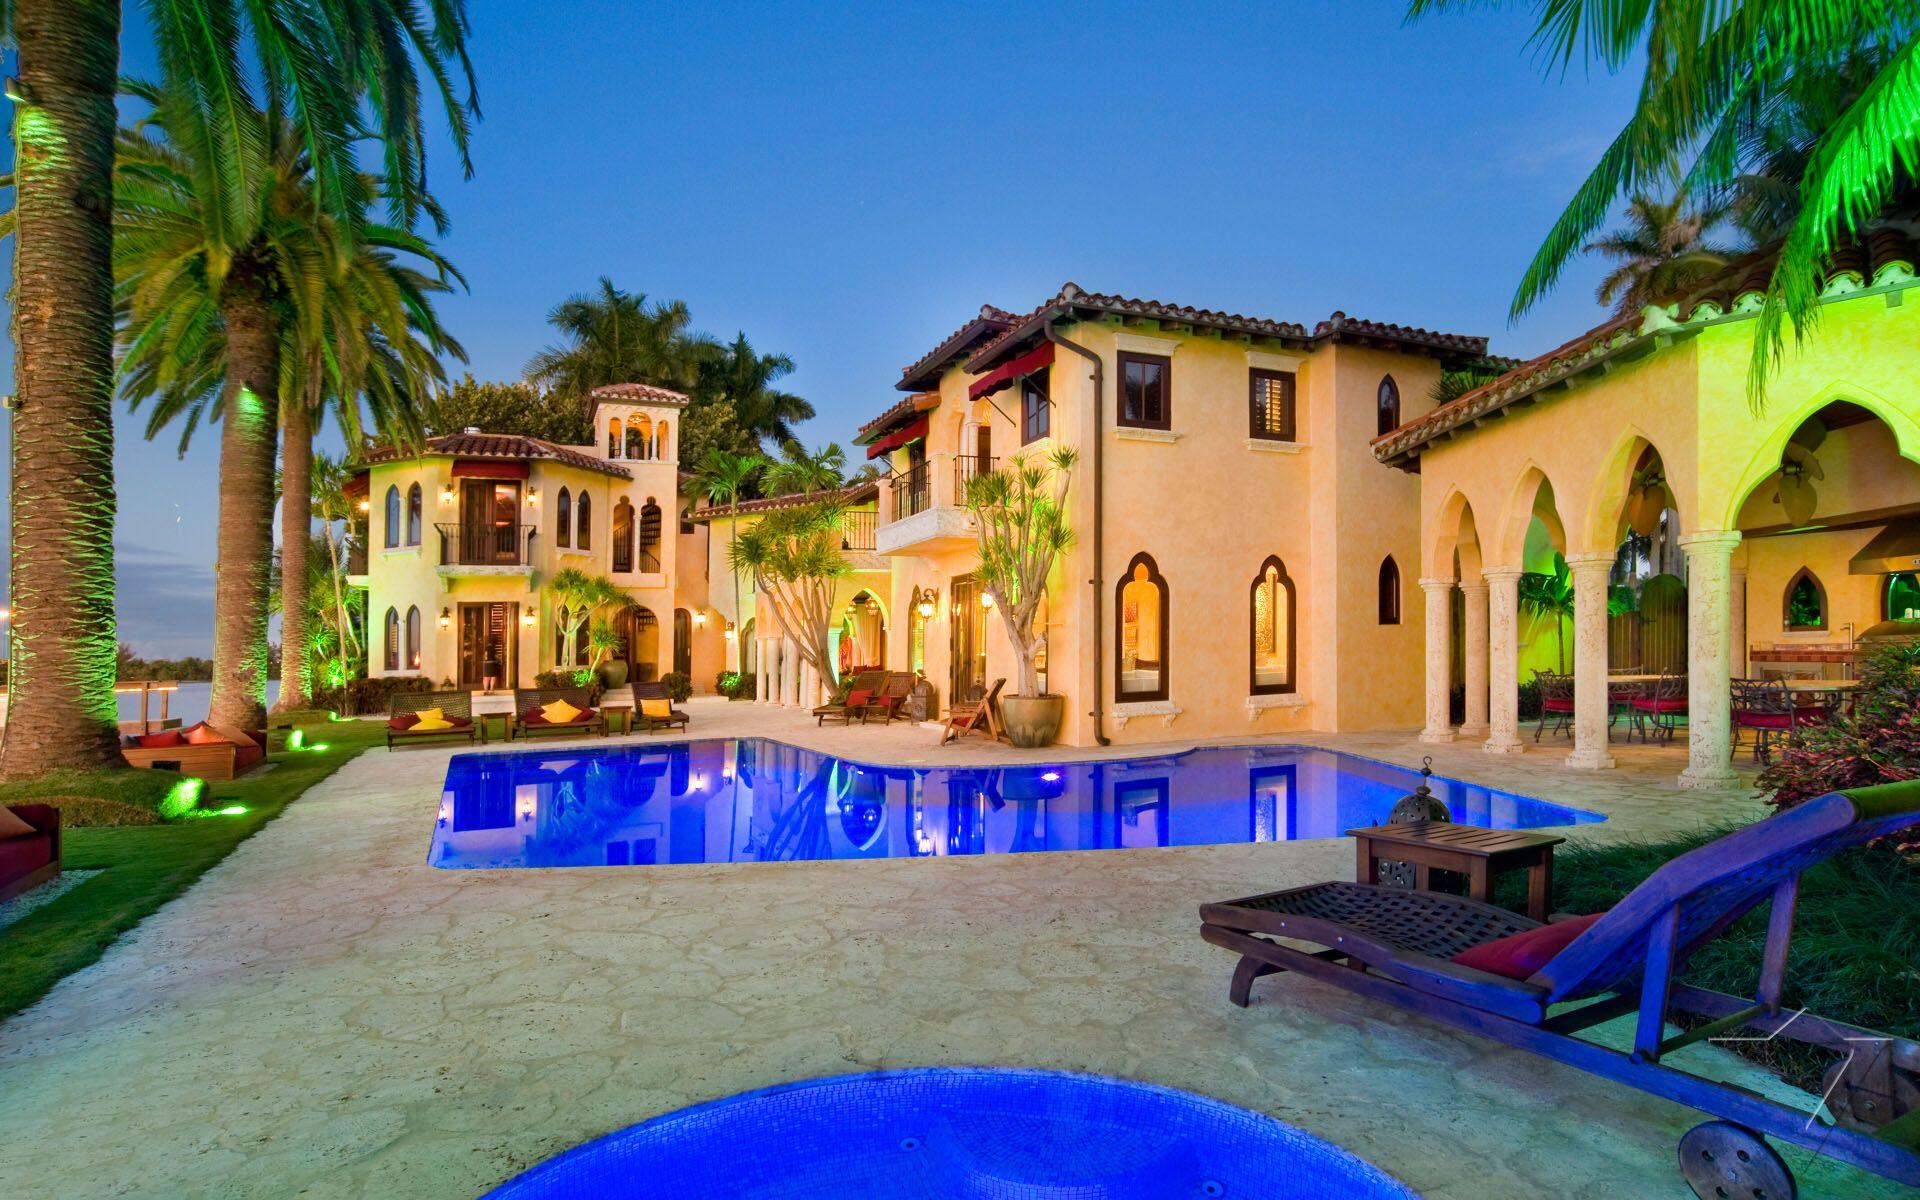 Villa jasmine luxury villa miami usa with exceptional for Villa luxe usa